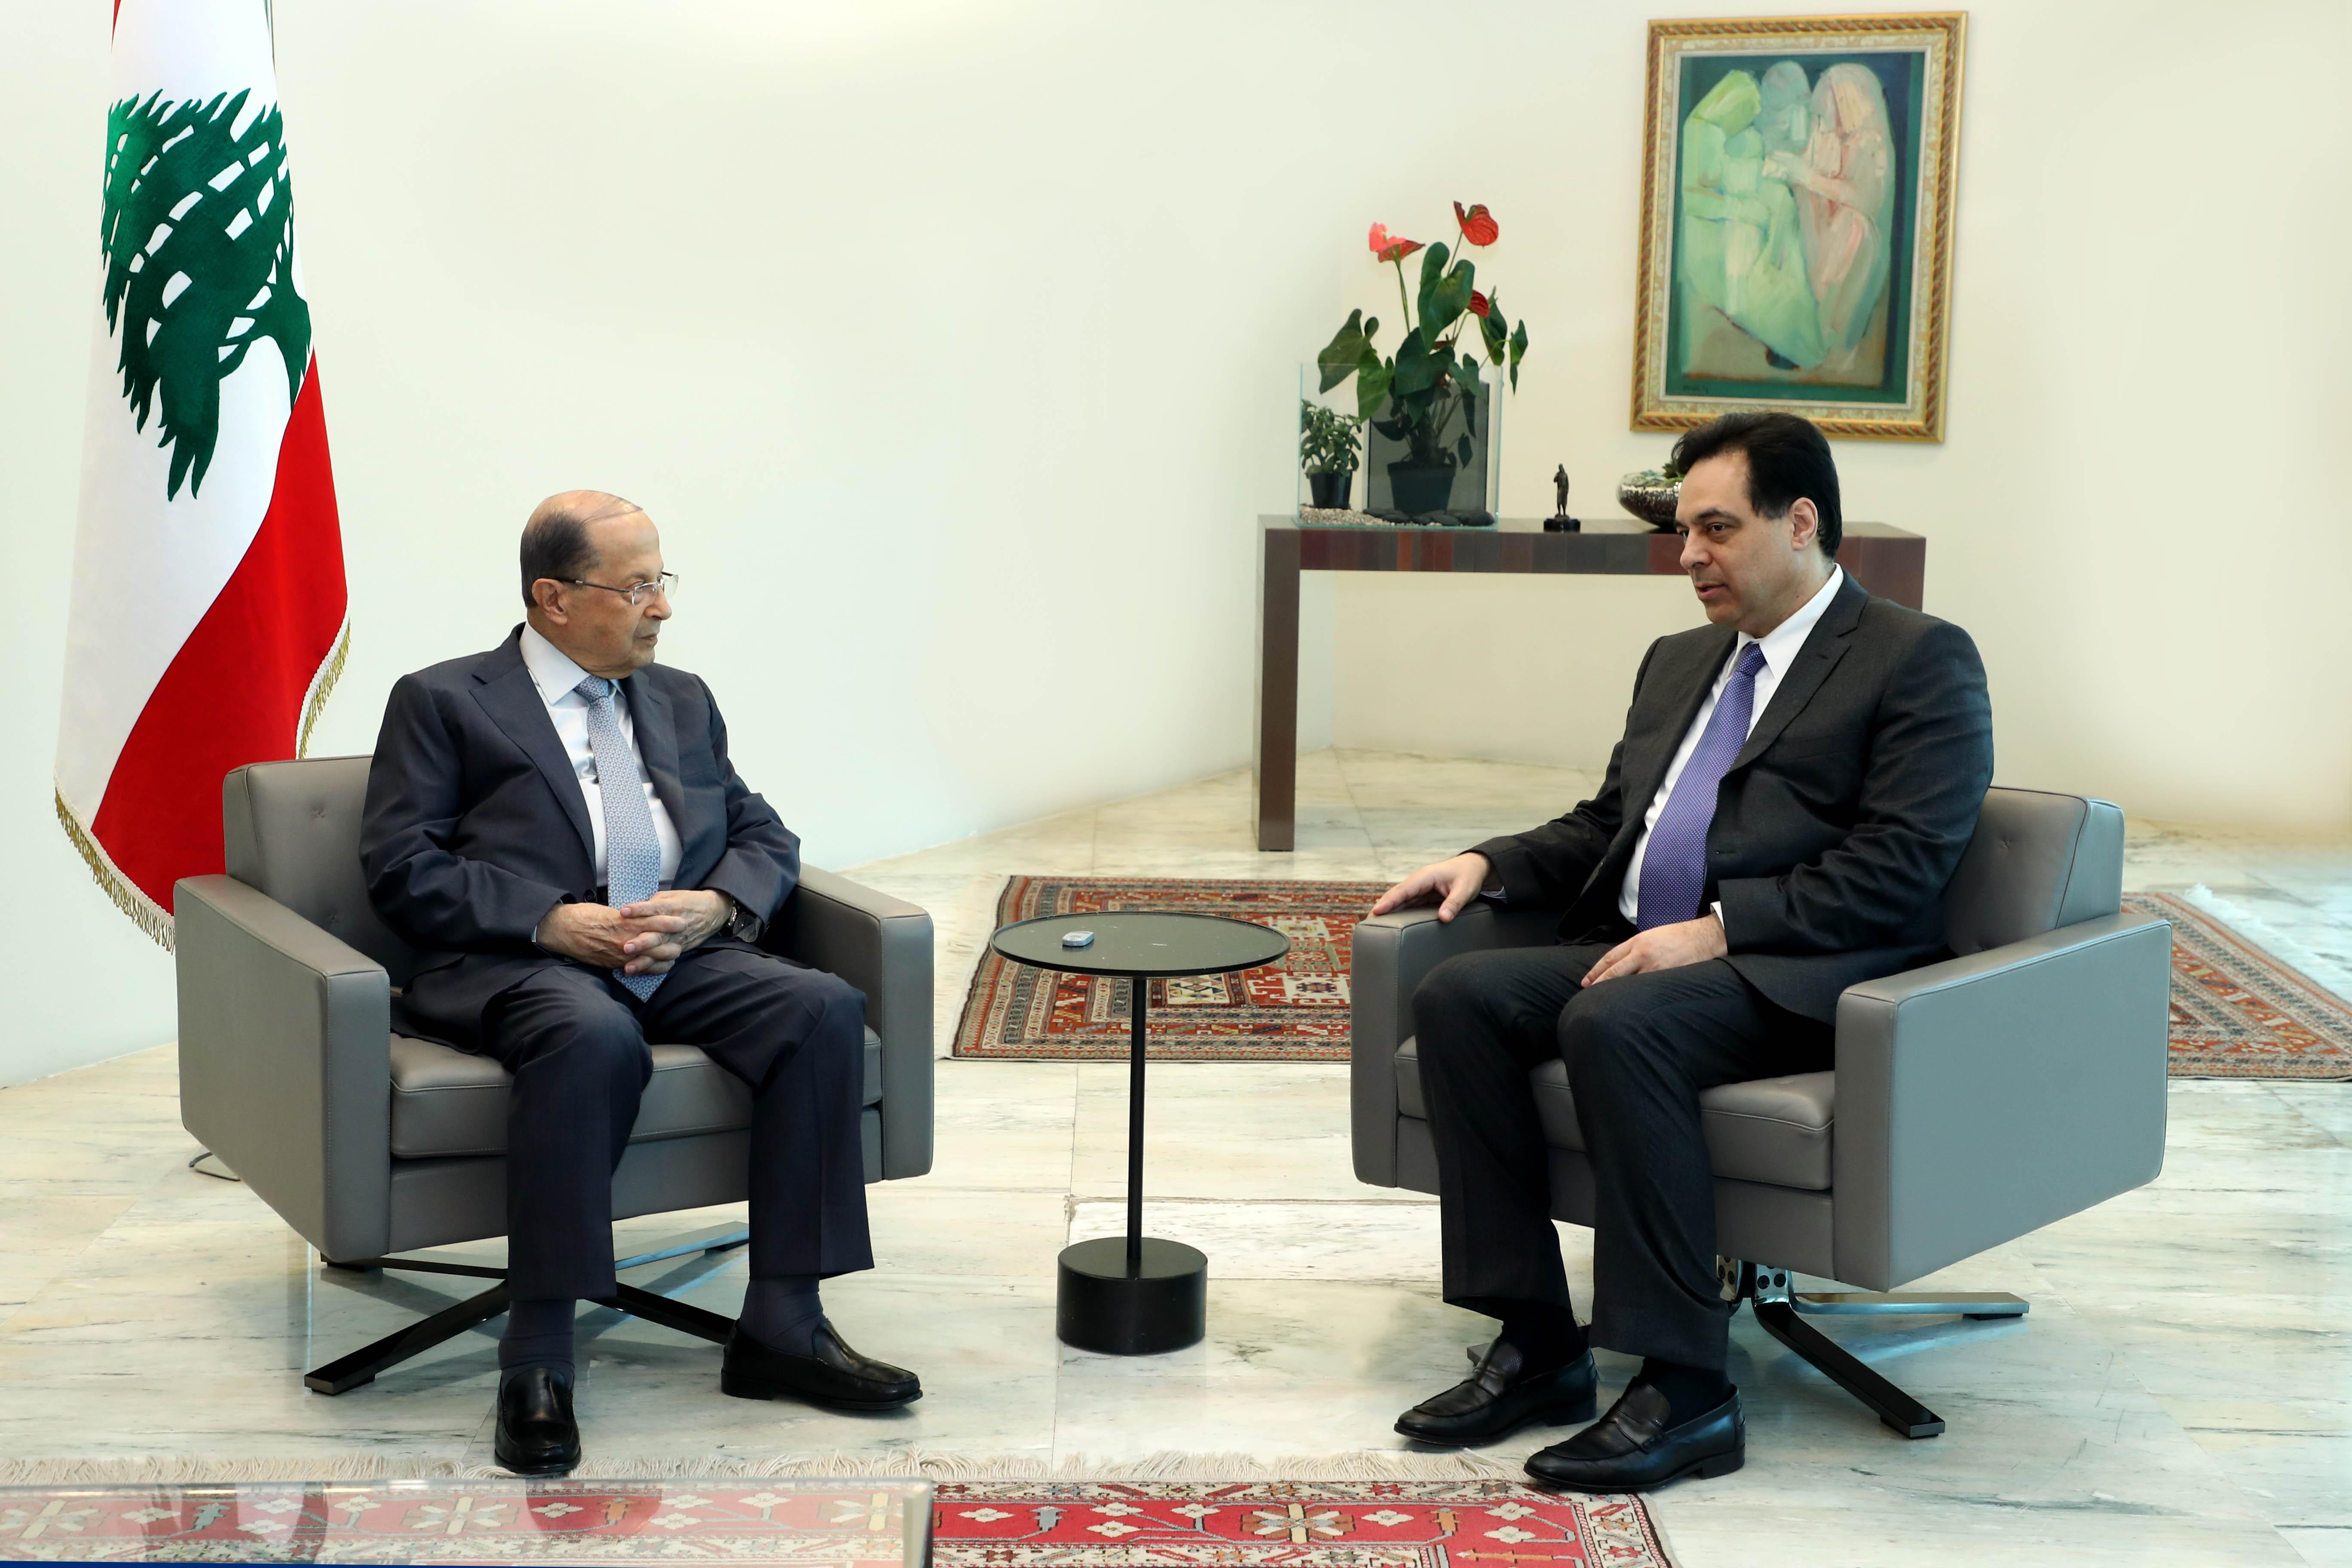 Prime Minister Hassan DiabI